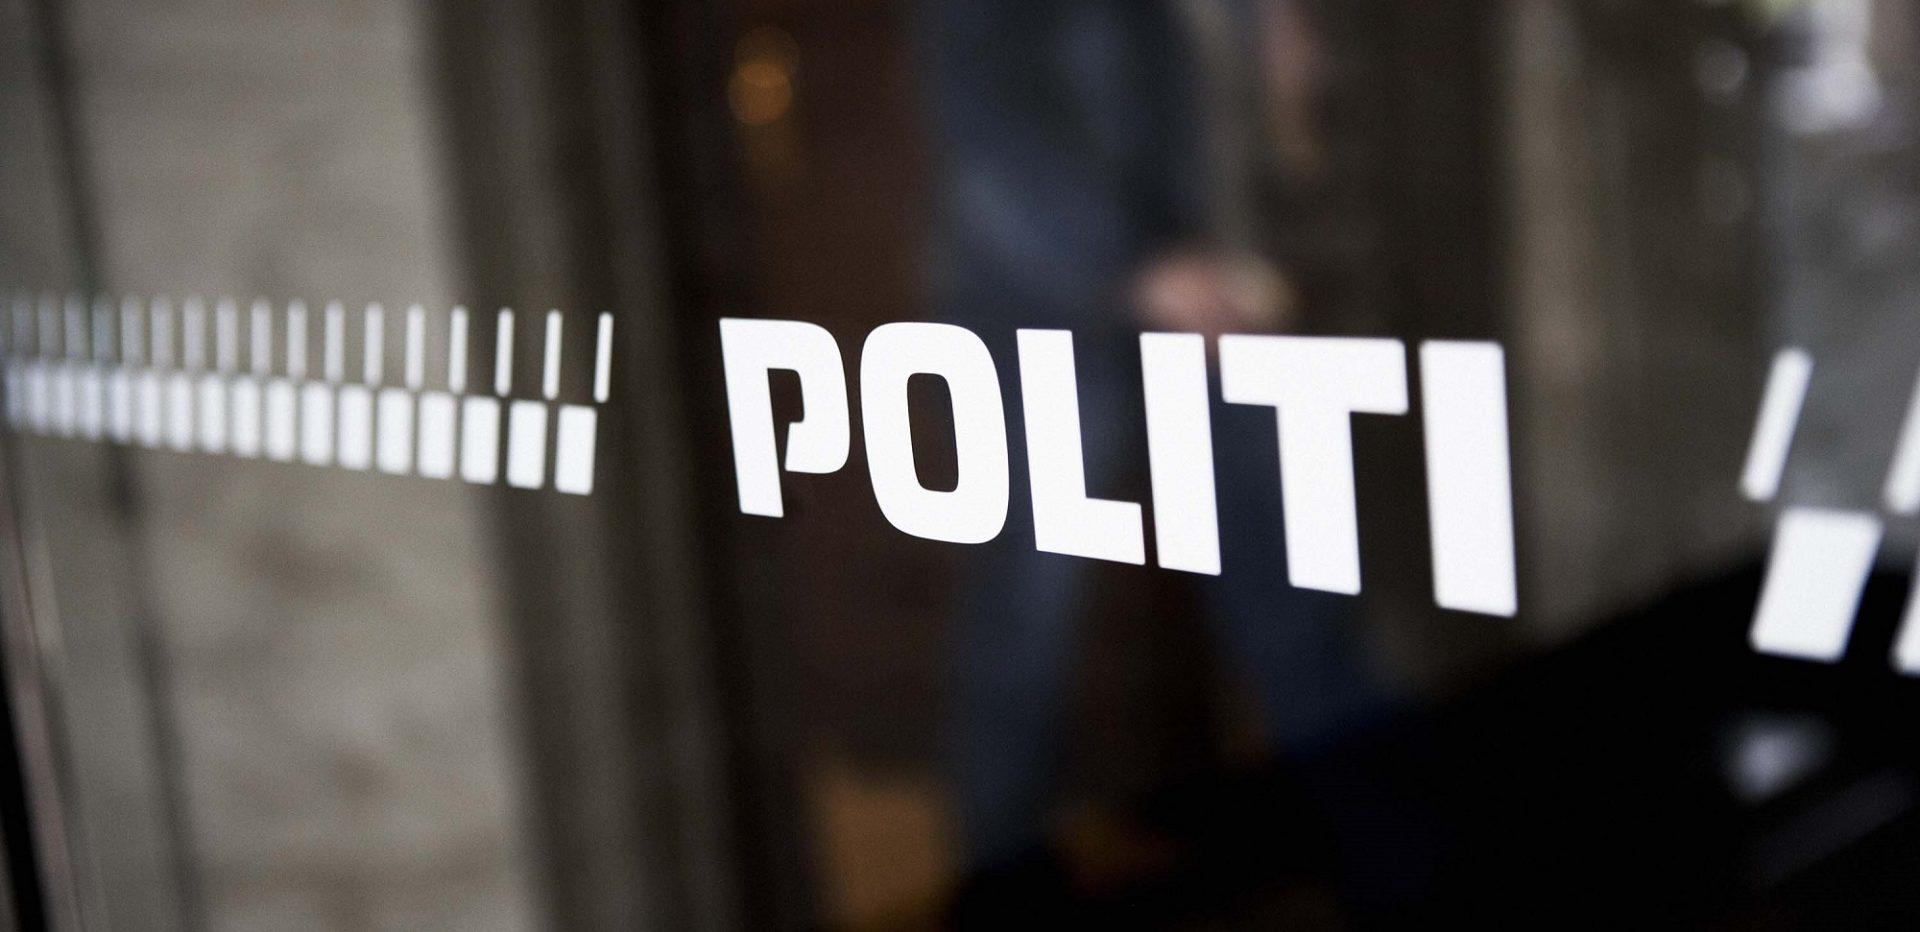 Politiets logo på en rude